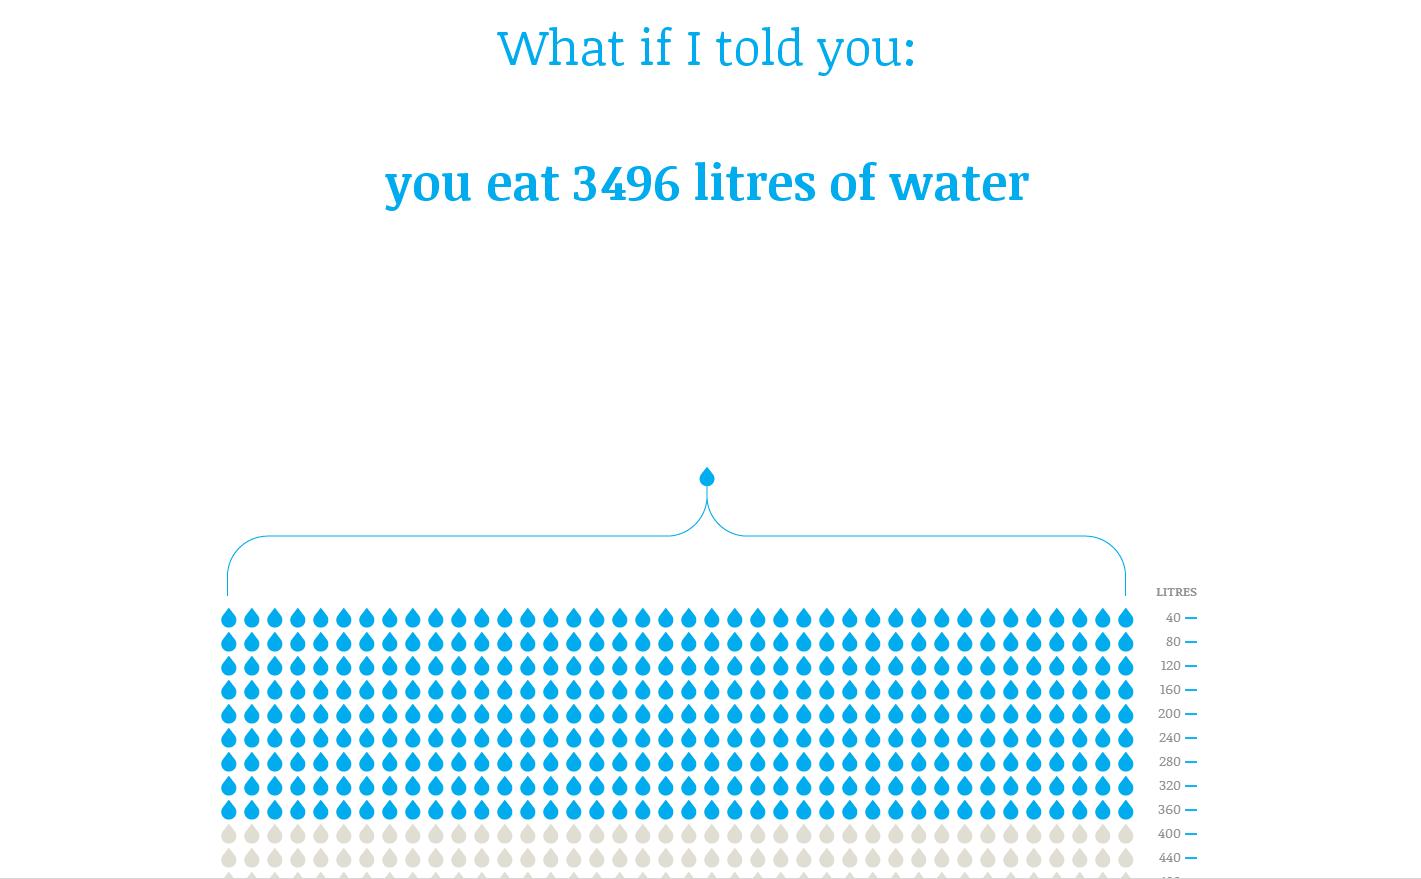 Tomar-conciencia-sobre-el-agua_virtual-water